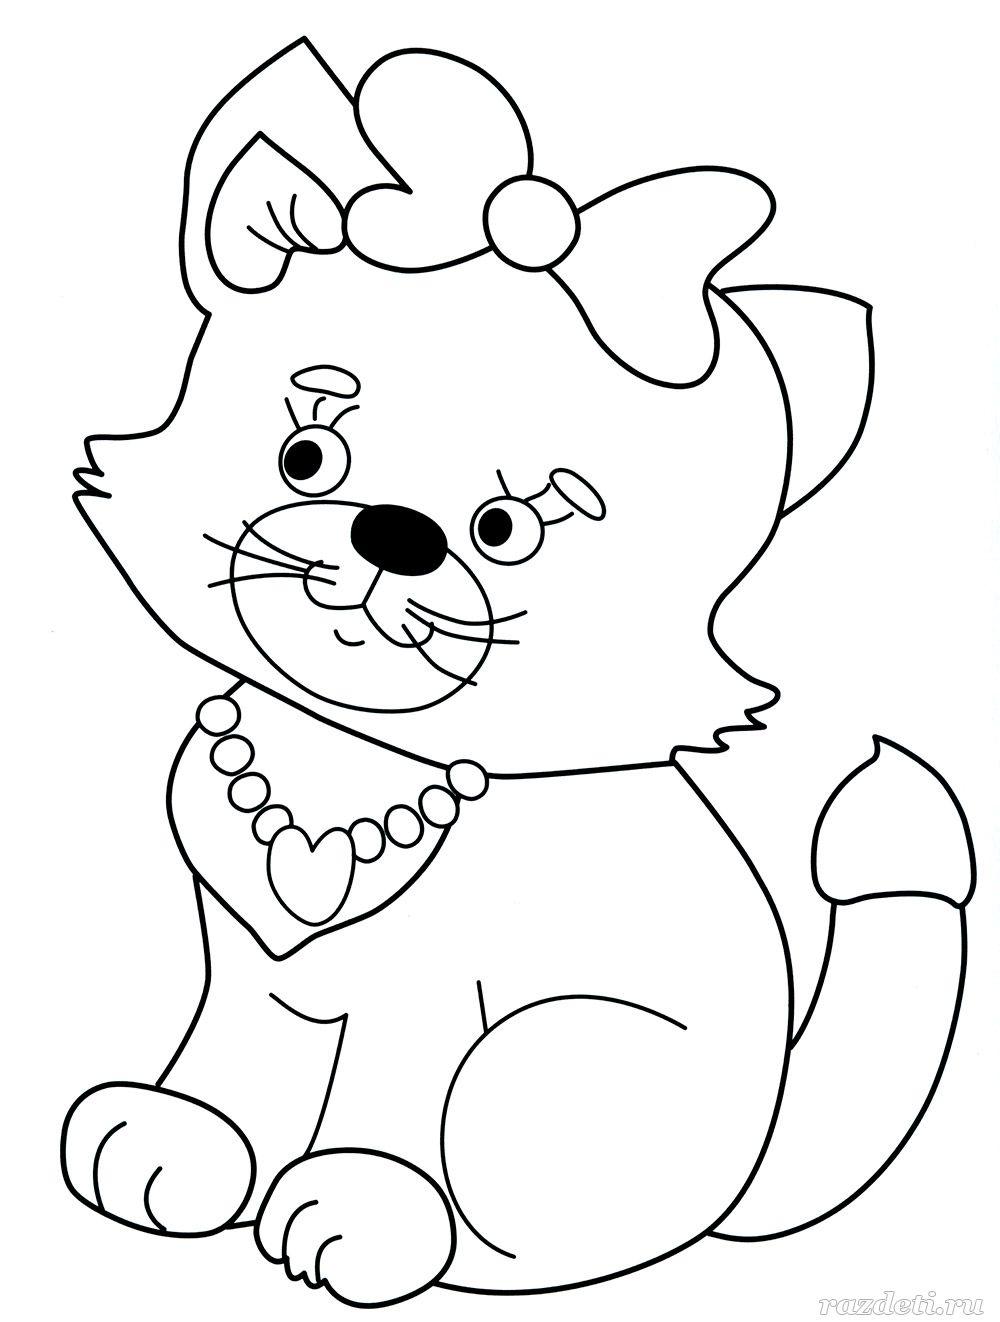 Раскраски для детей. Домашние животные. Распечатать бесплатно